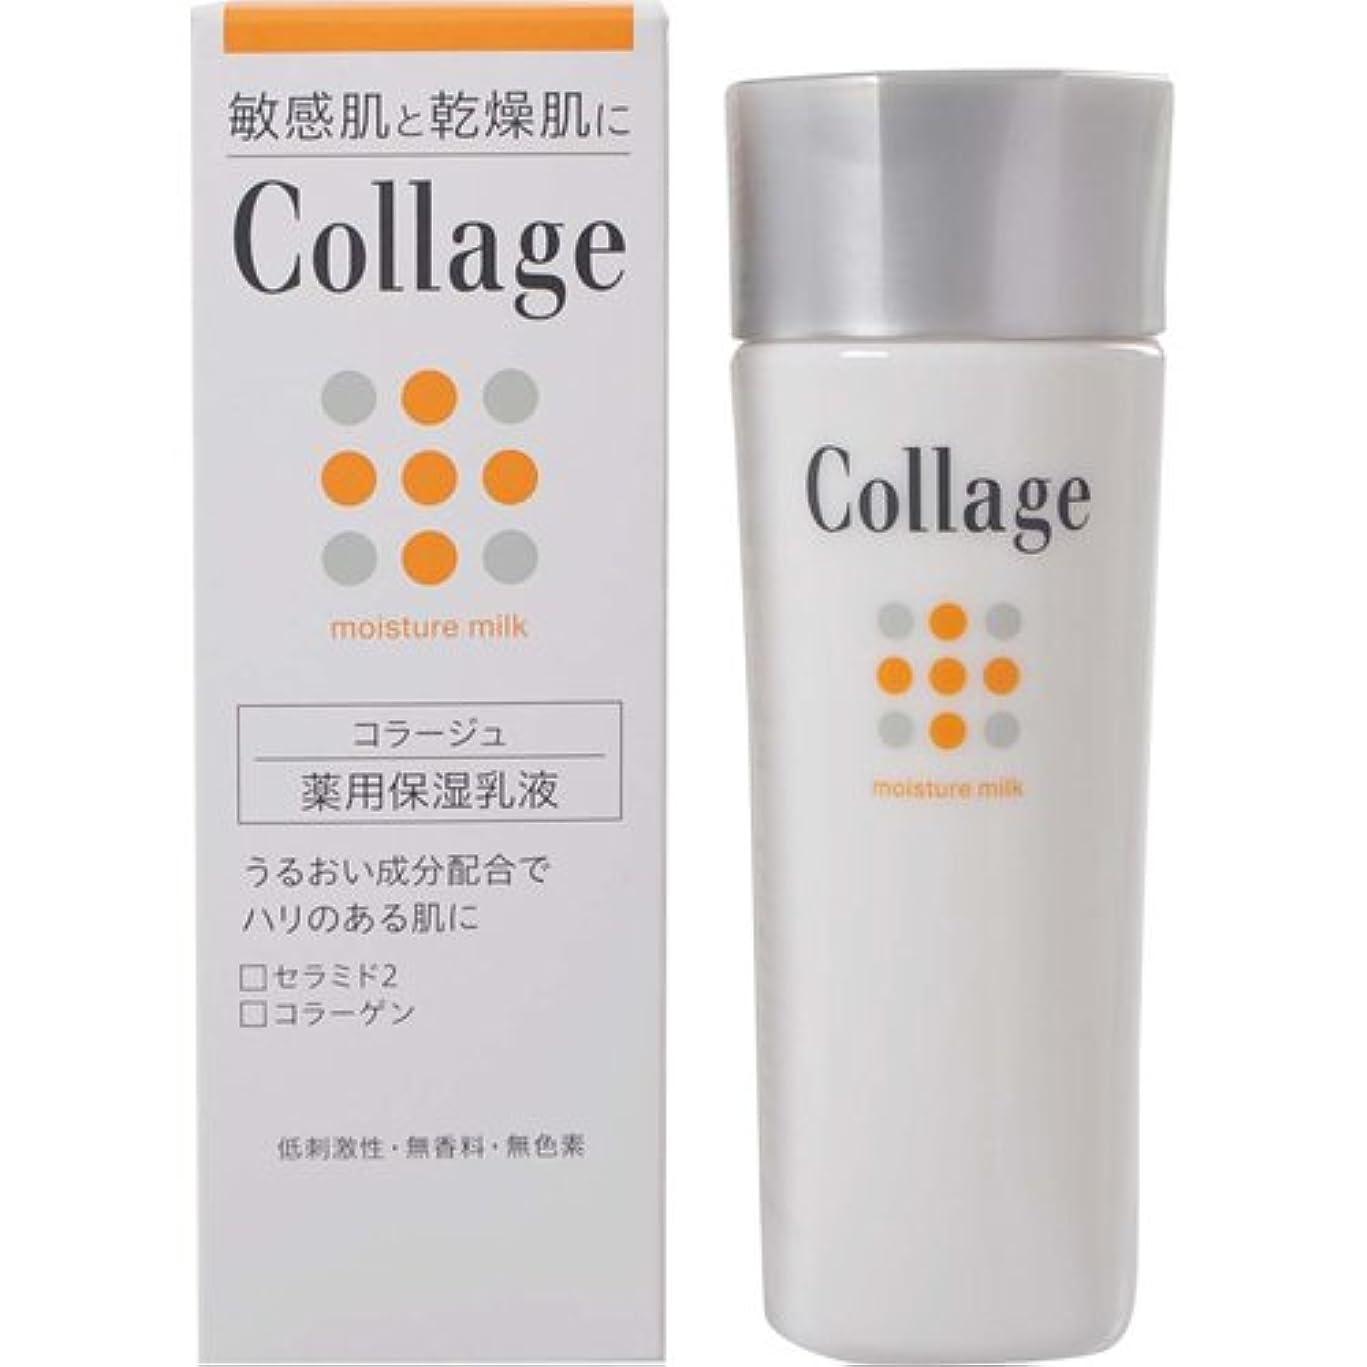 事業ライトニング肯定的コラージュ 薬用保湿乳液 80mL 【医薬部外品】